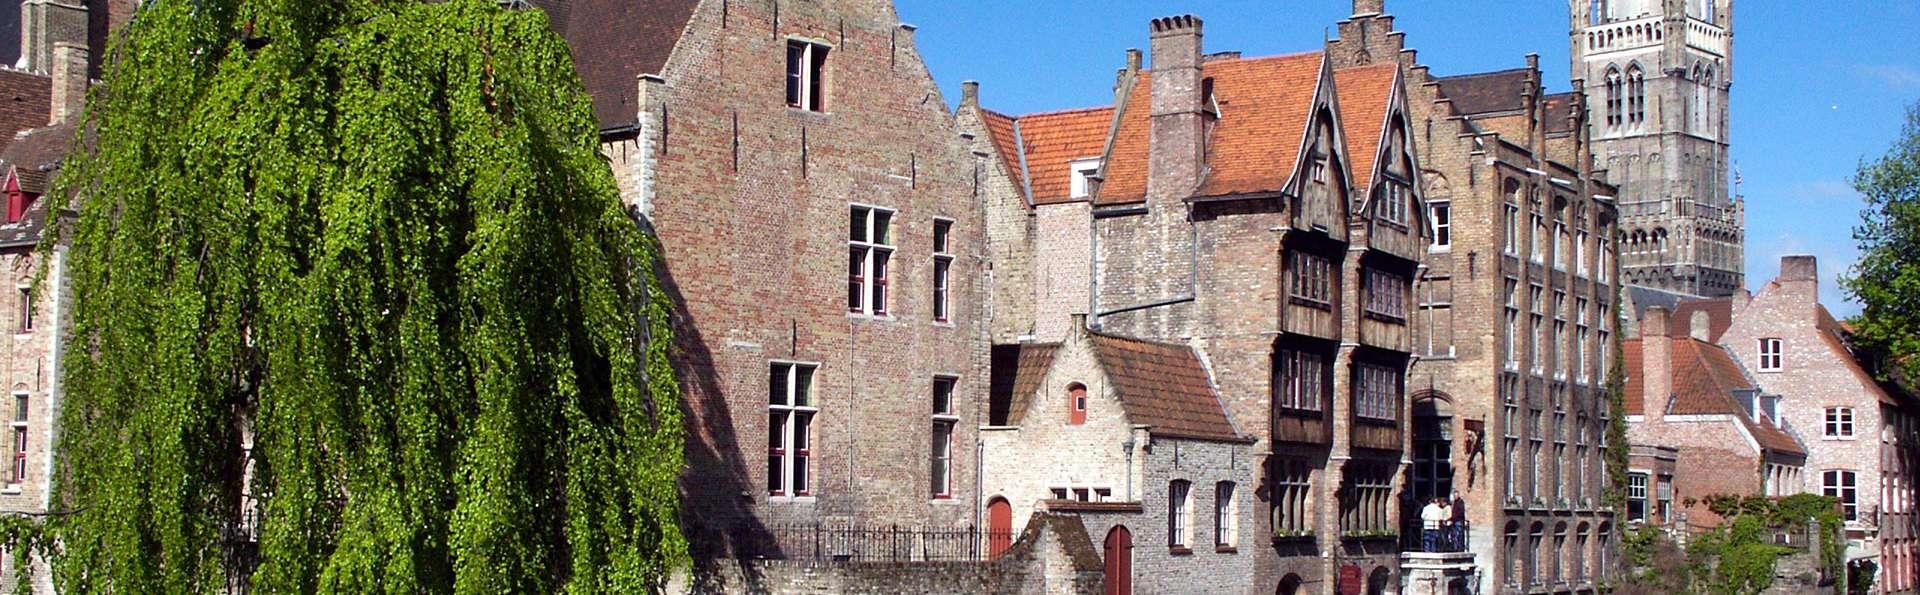 Hotel De Castillion - edit_brugge.jpg